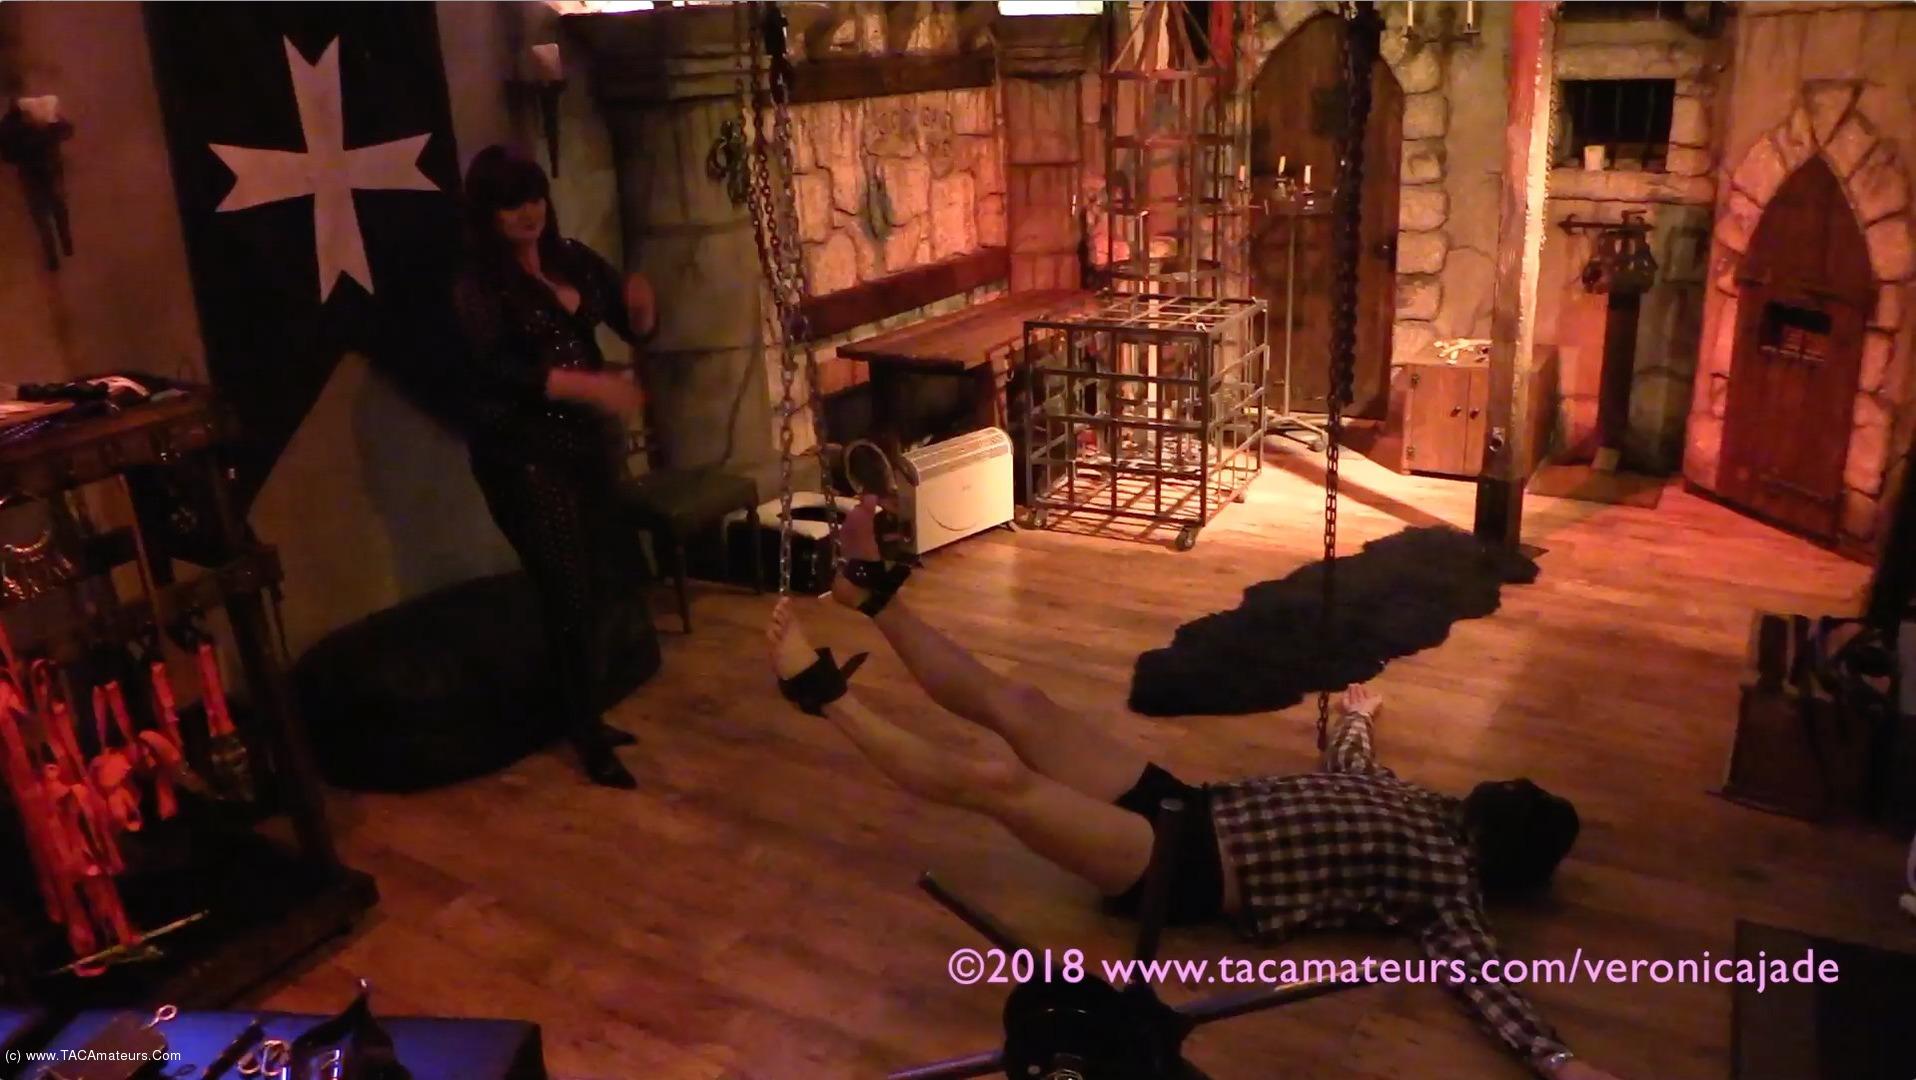 Bdsm Dungeon veronicajade - castle dungeon bdsm pt4 videos